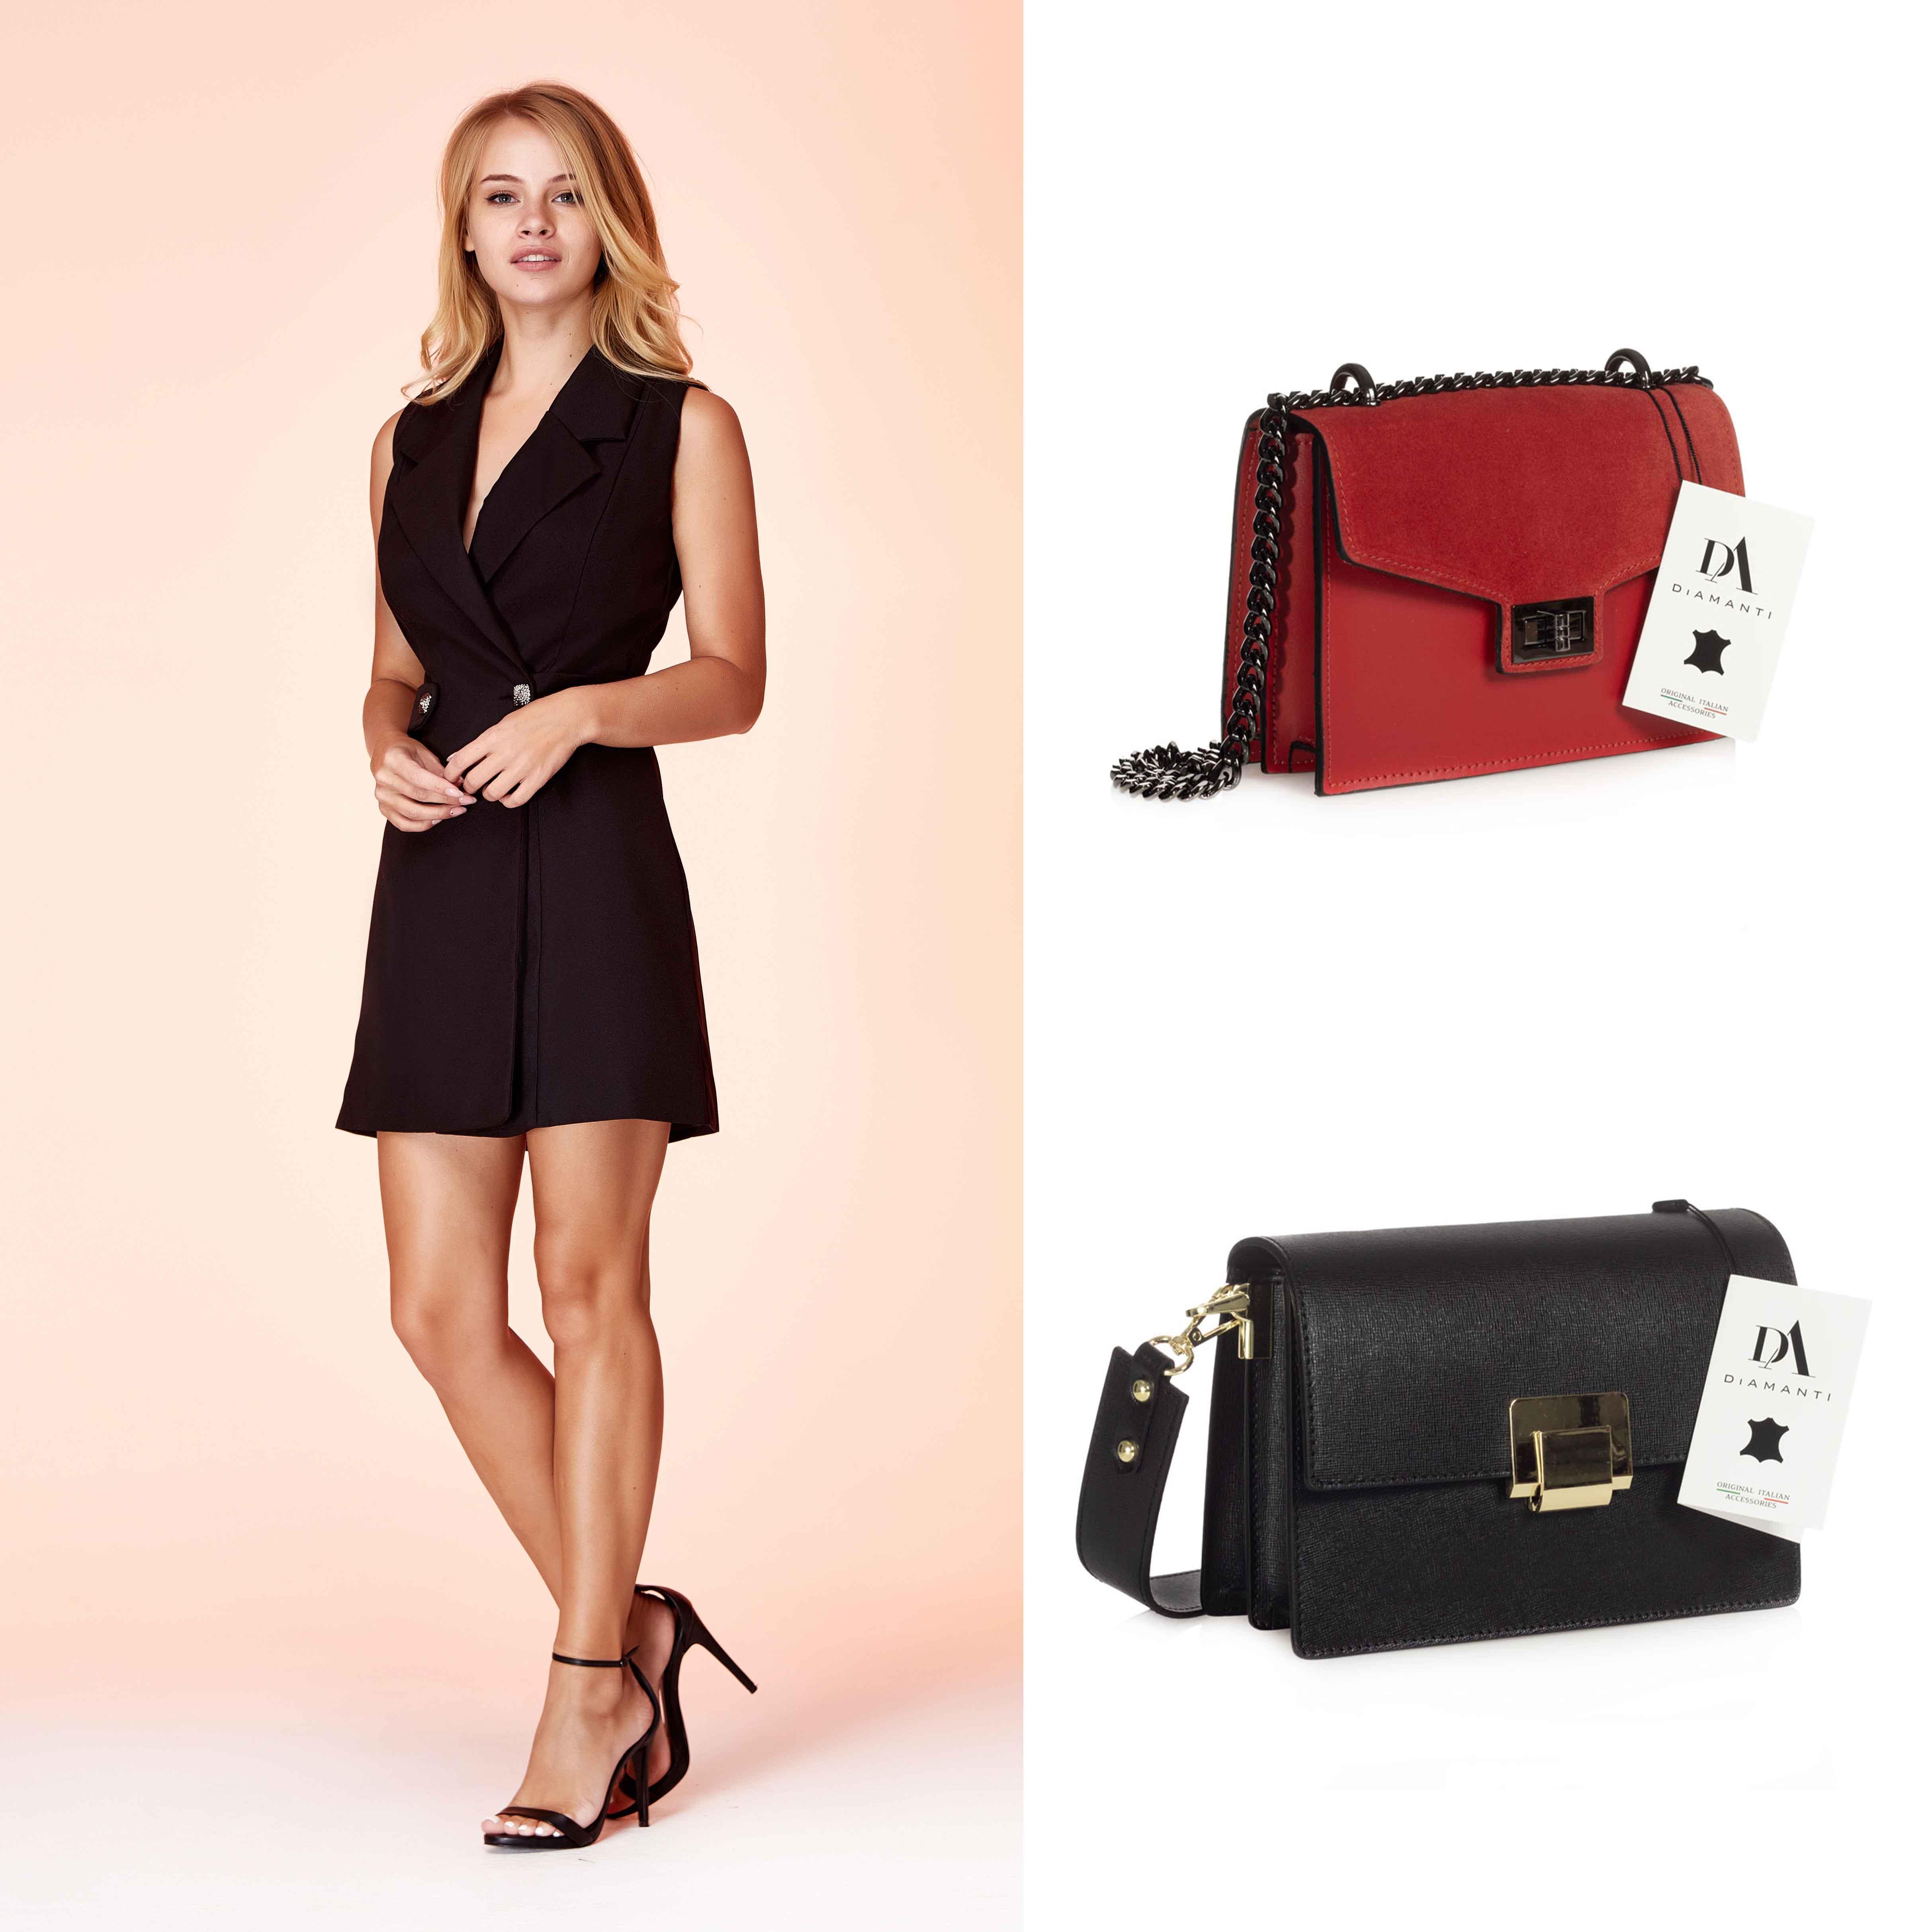 model cu rochie neagra scurta, geanta Asti si geanta Sara